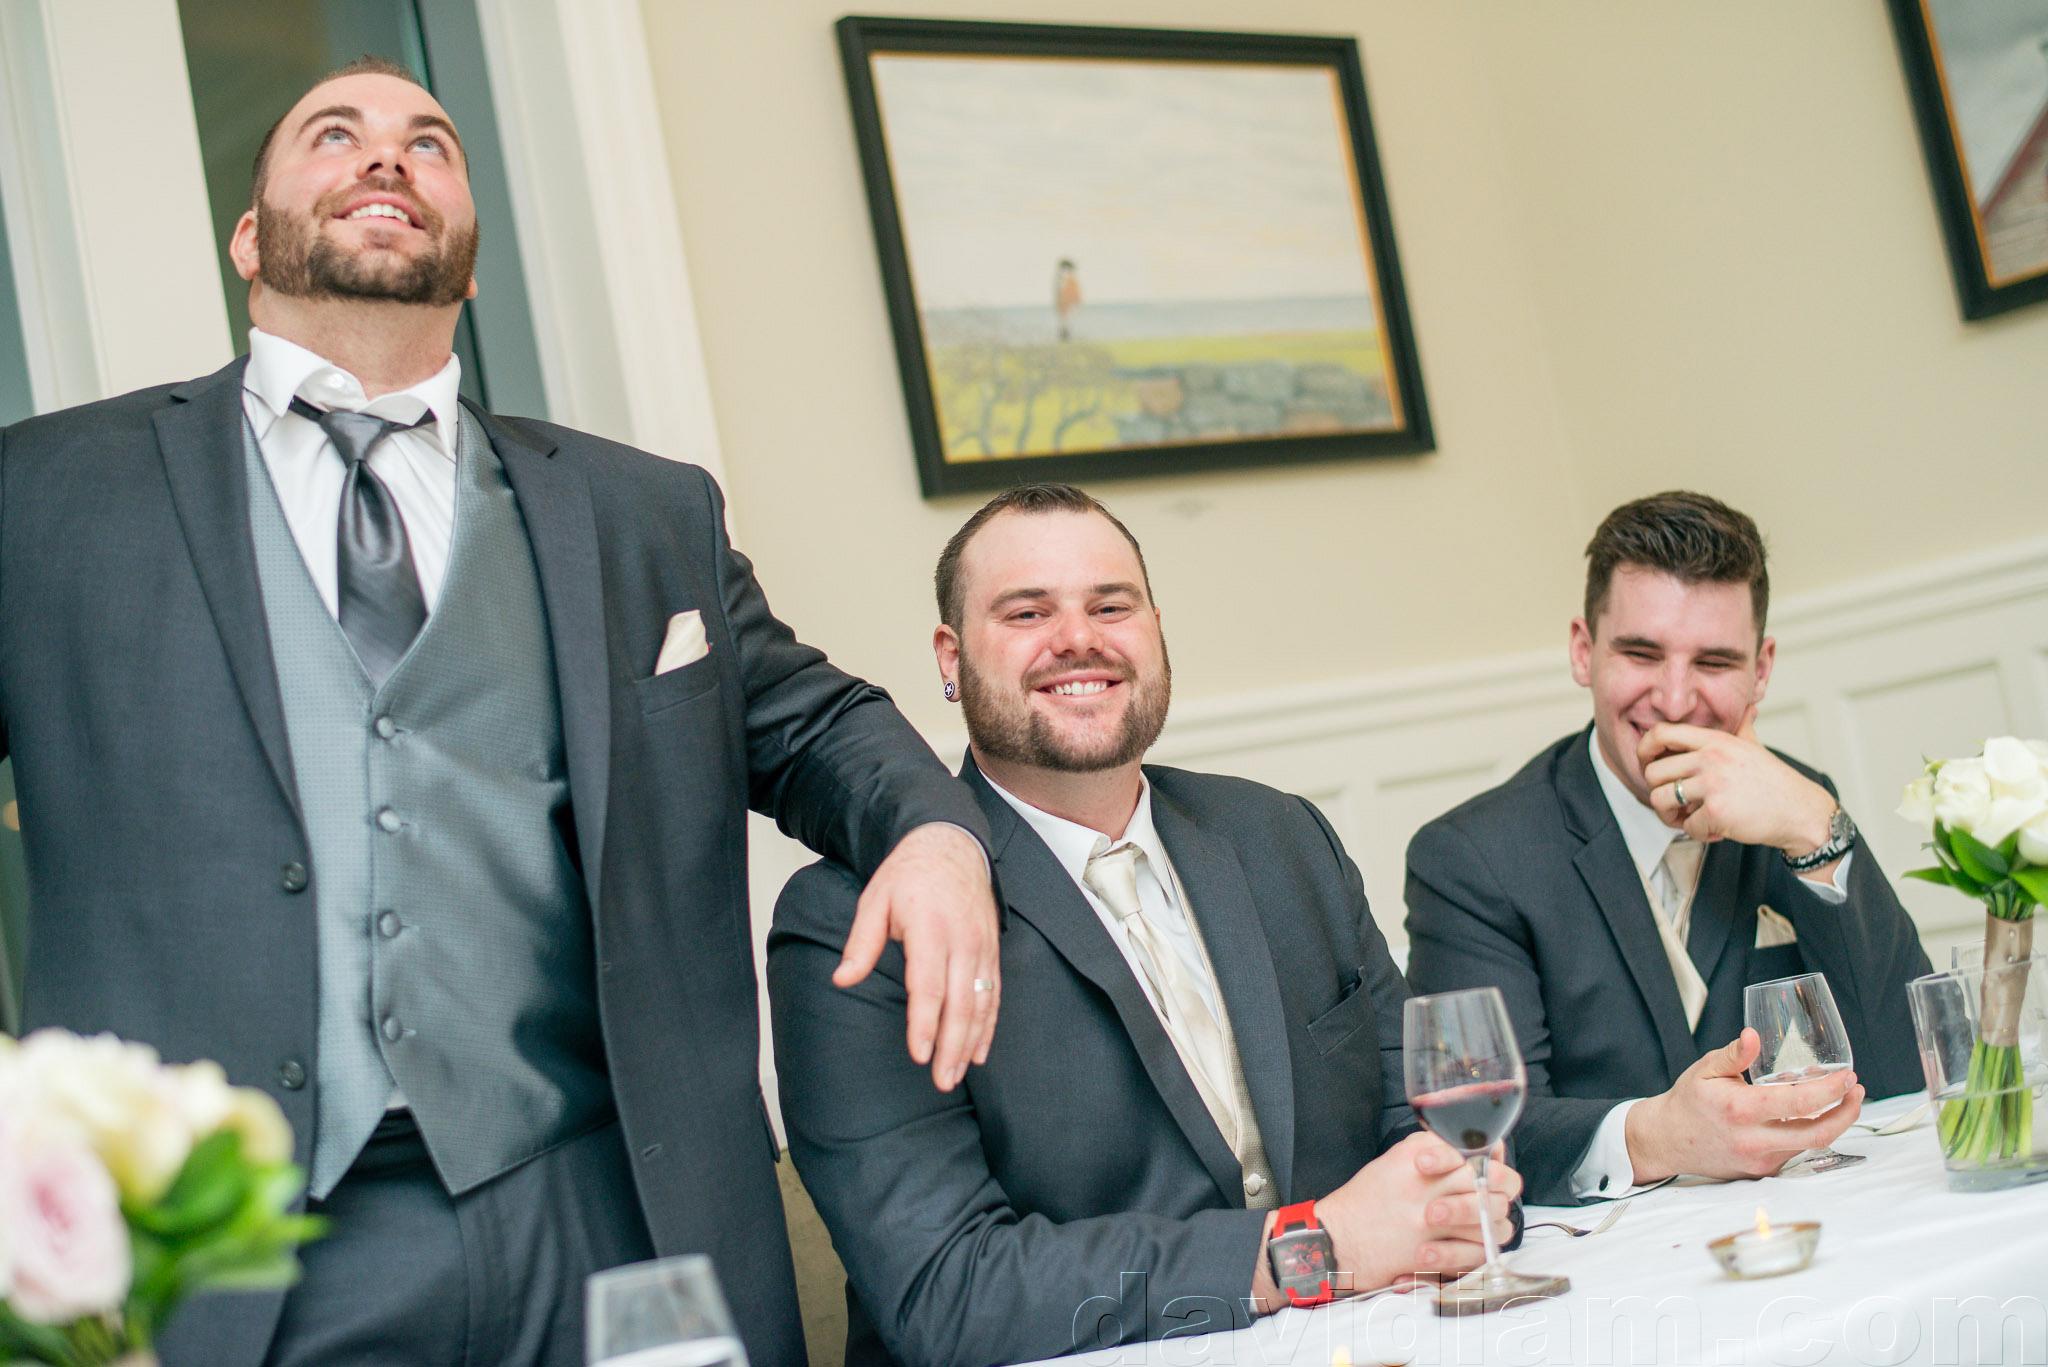 bruce-Hotel-Stratford-wedding-107.jpg